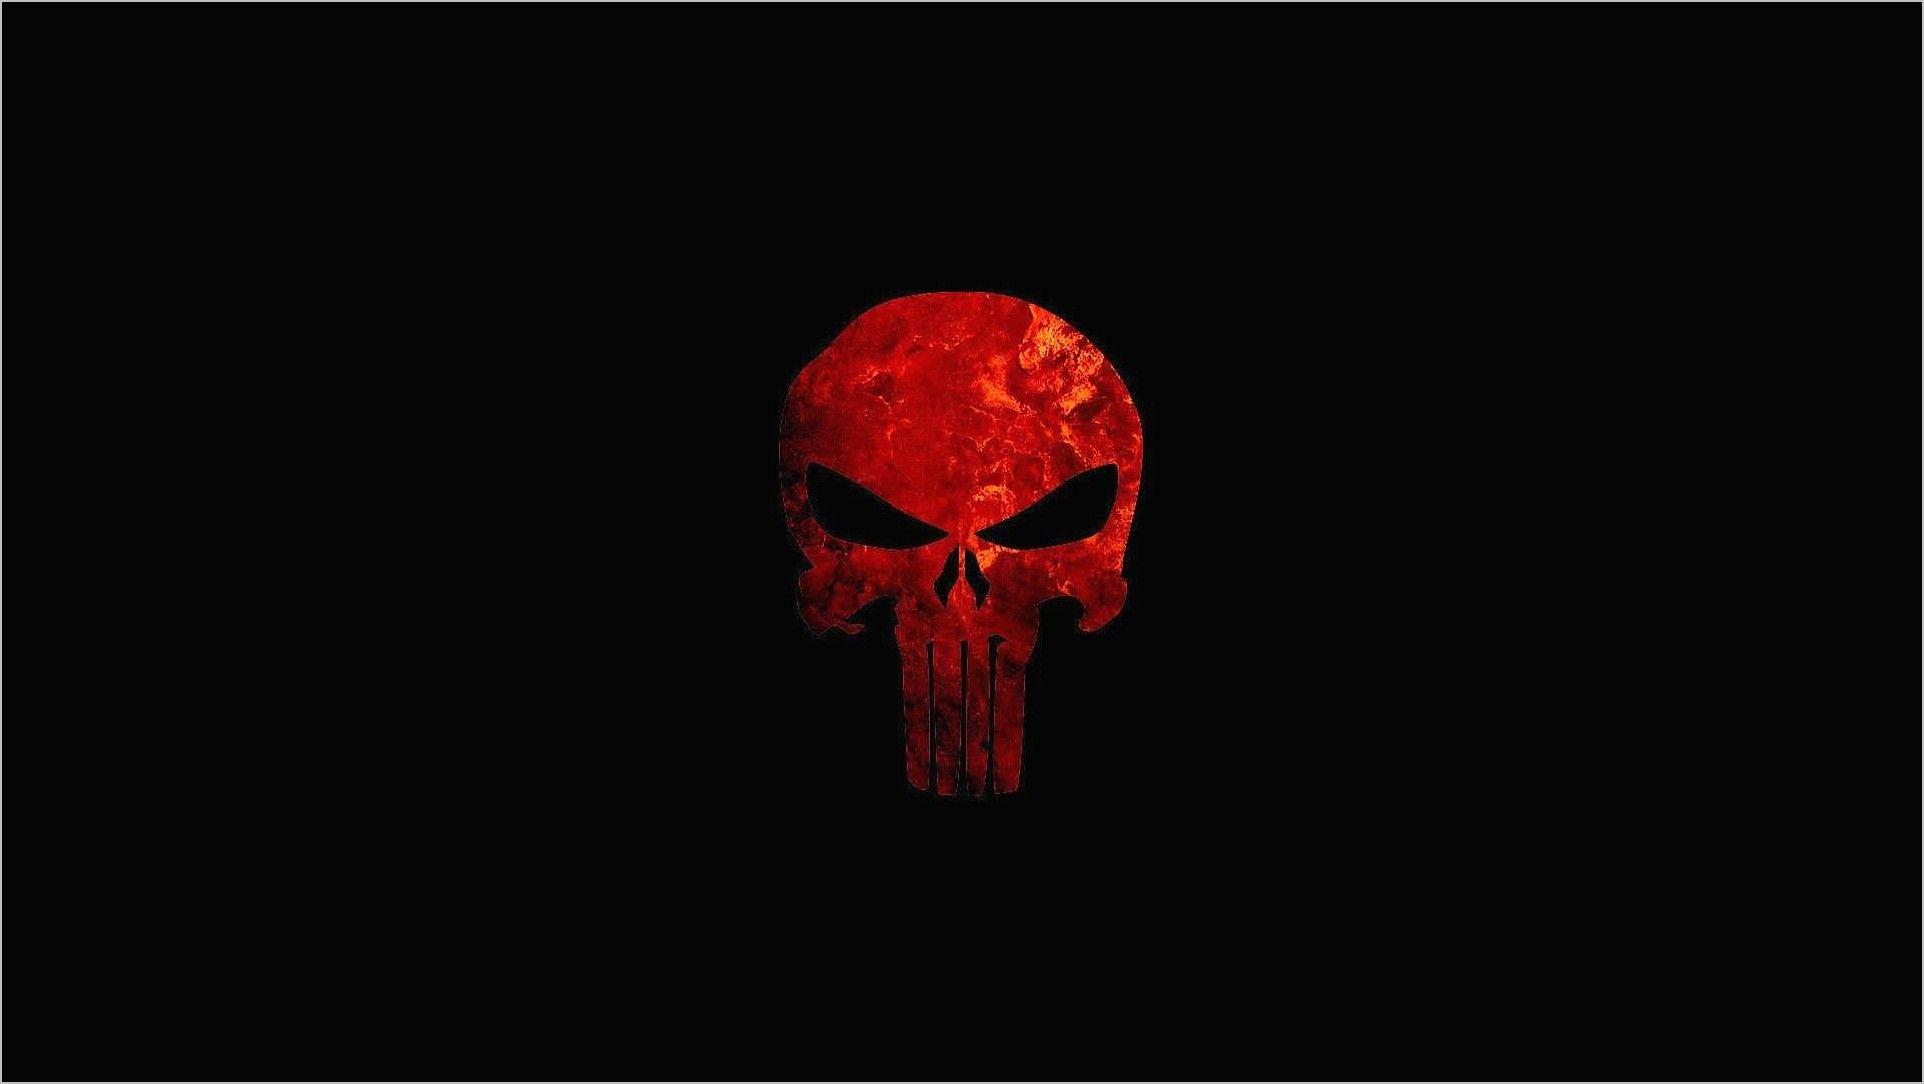 Skull Evil 4k Wallpaper In 2020 Skull Wallpaper Punisher Skull Punisher